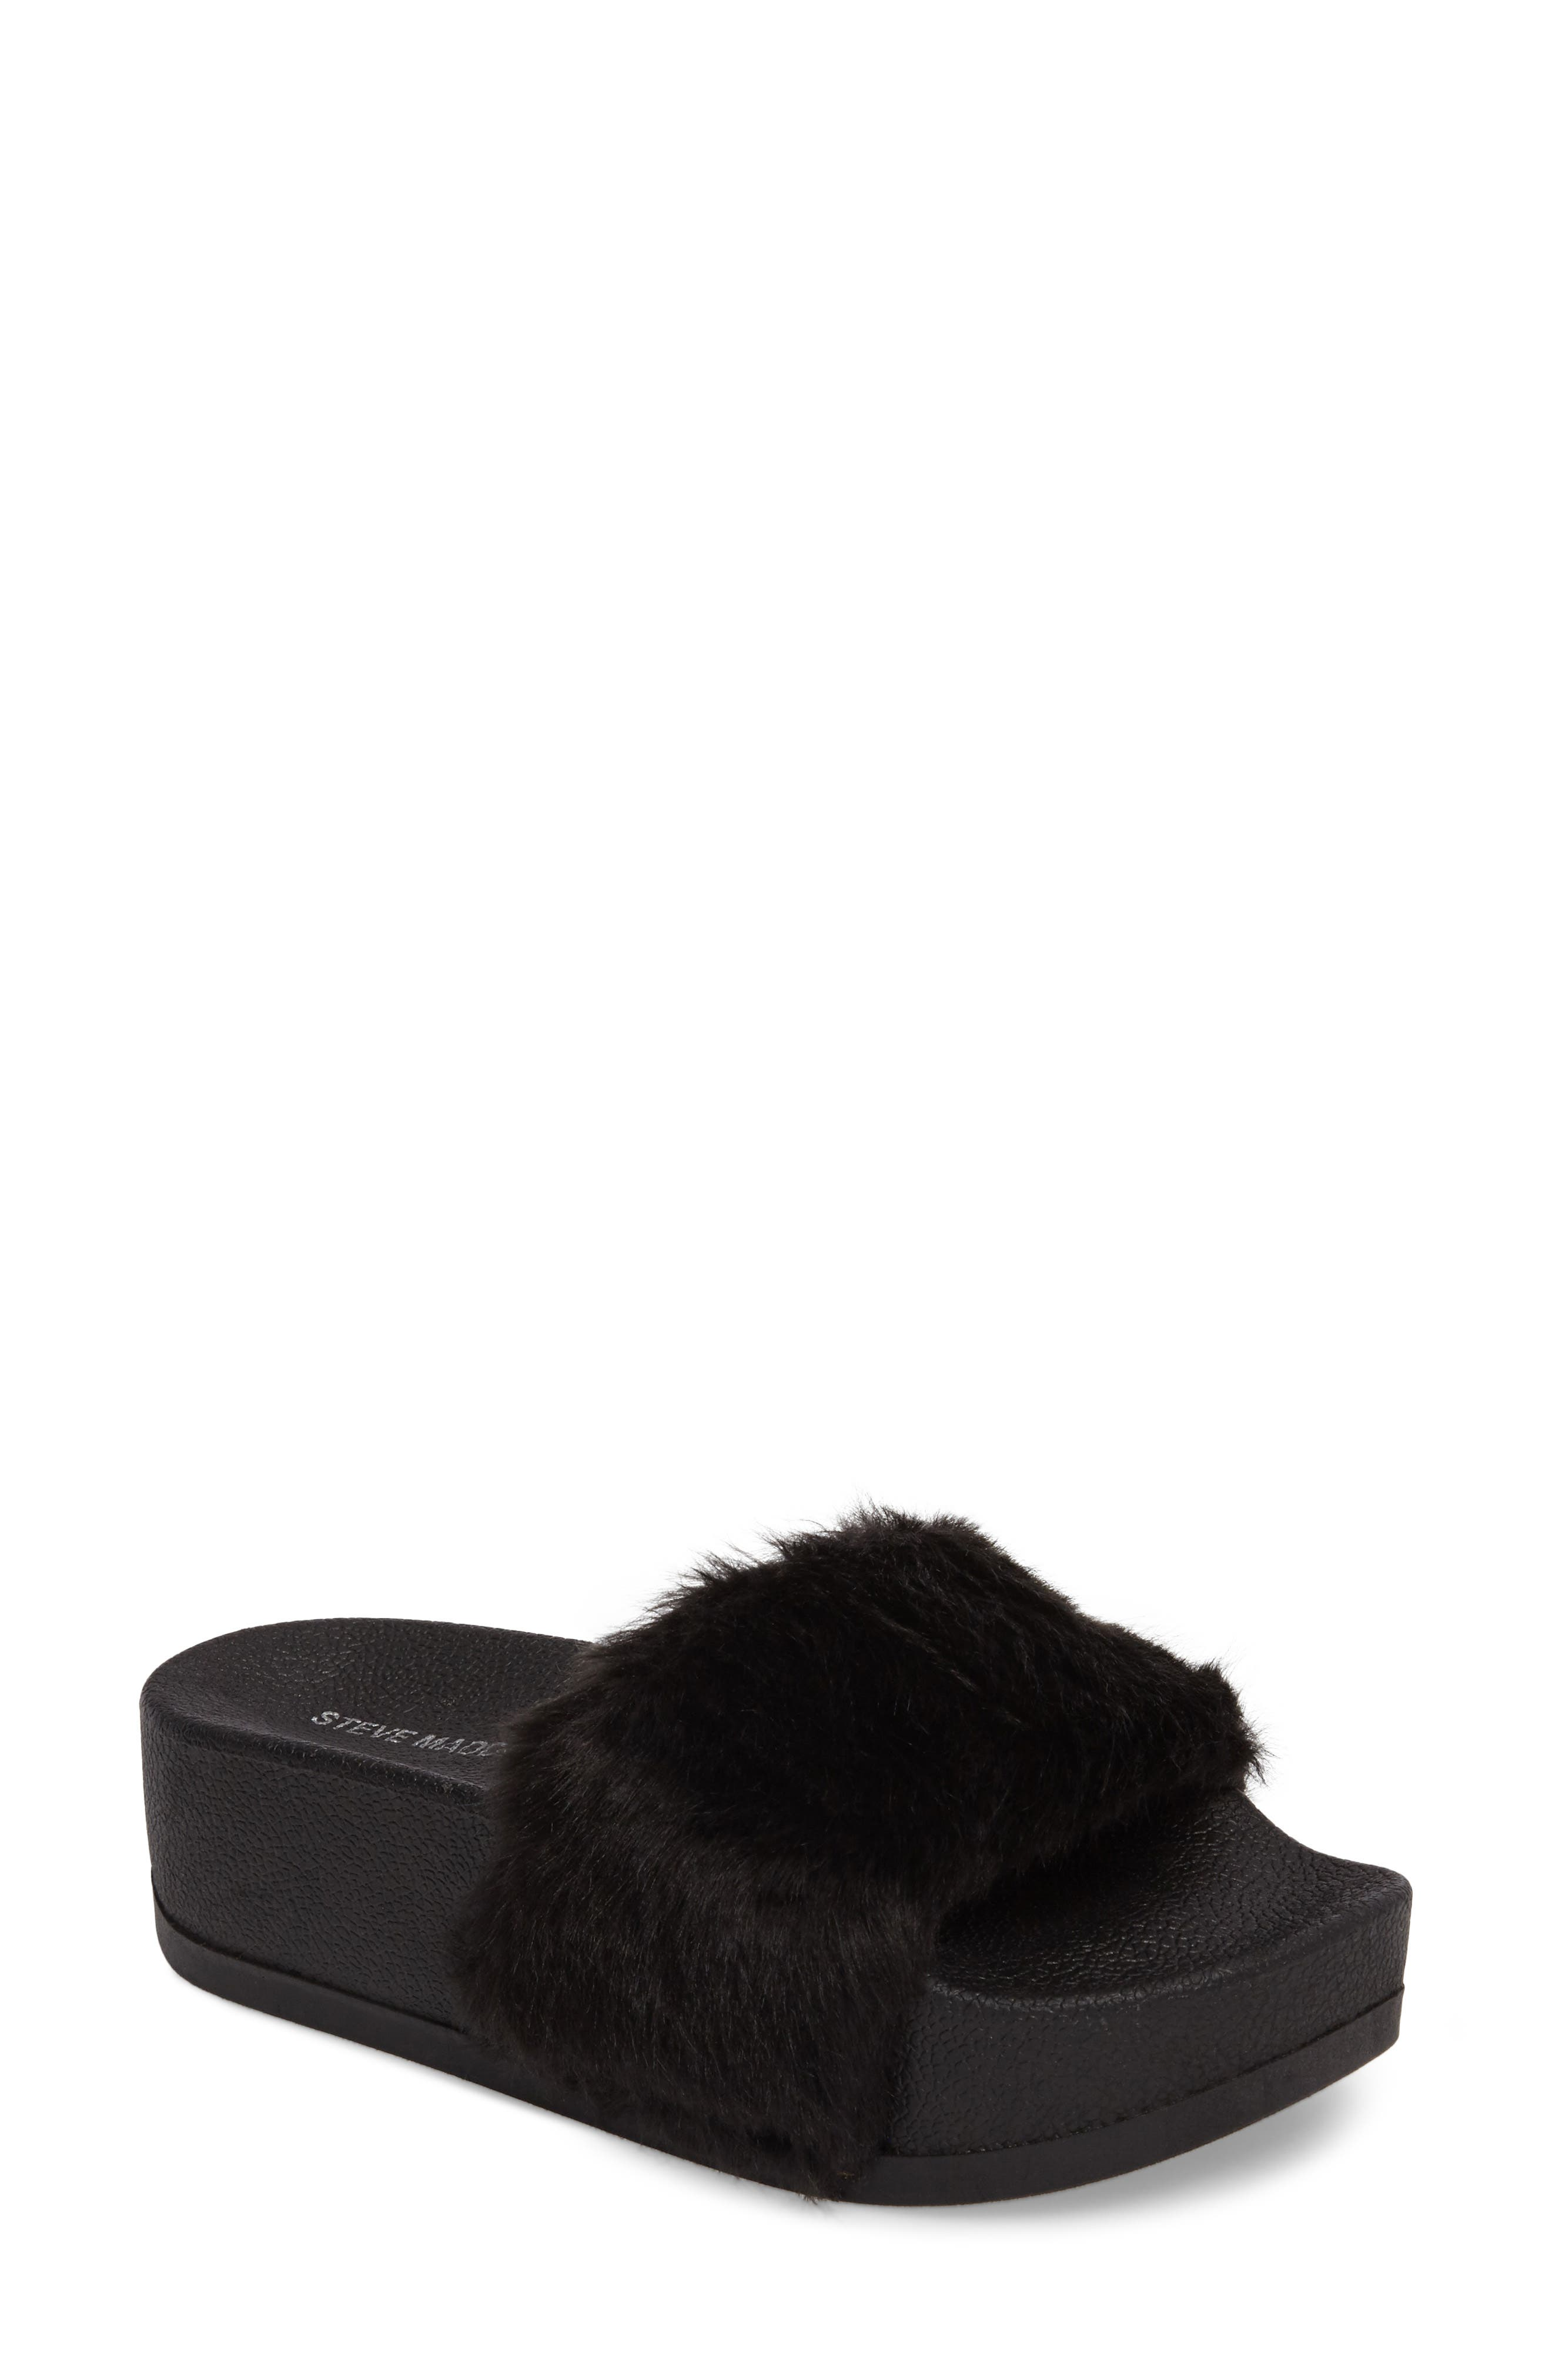 Softey Faux Fur Platform Slide,                         Main,                         color, 001